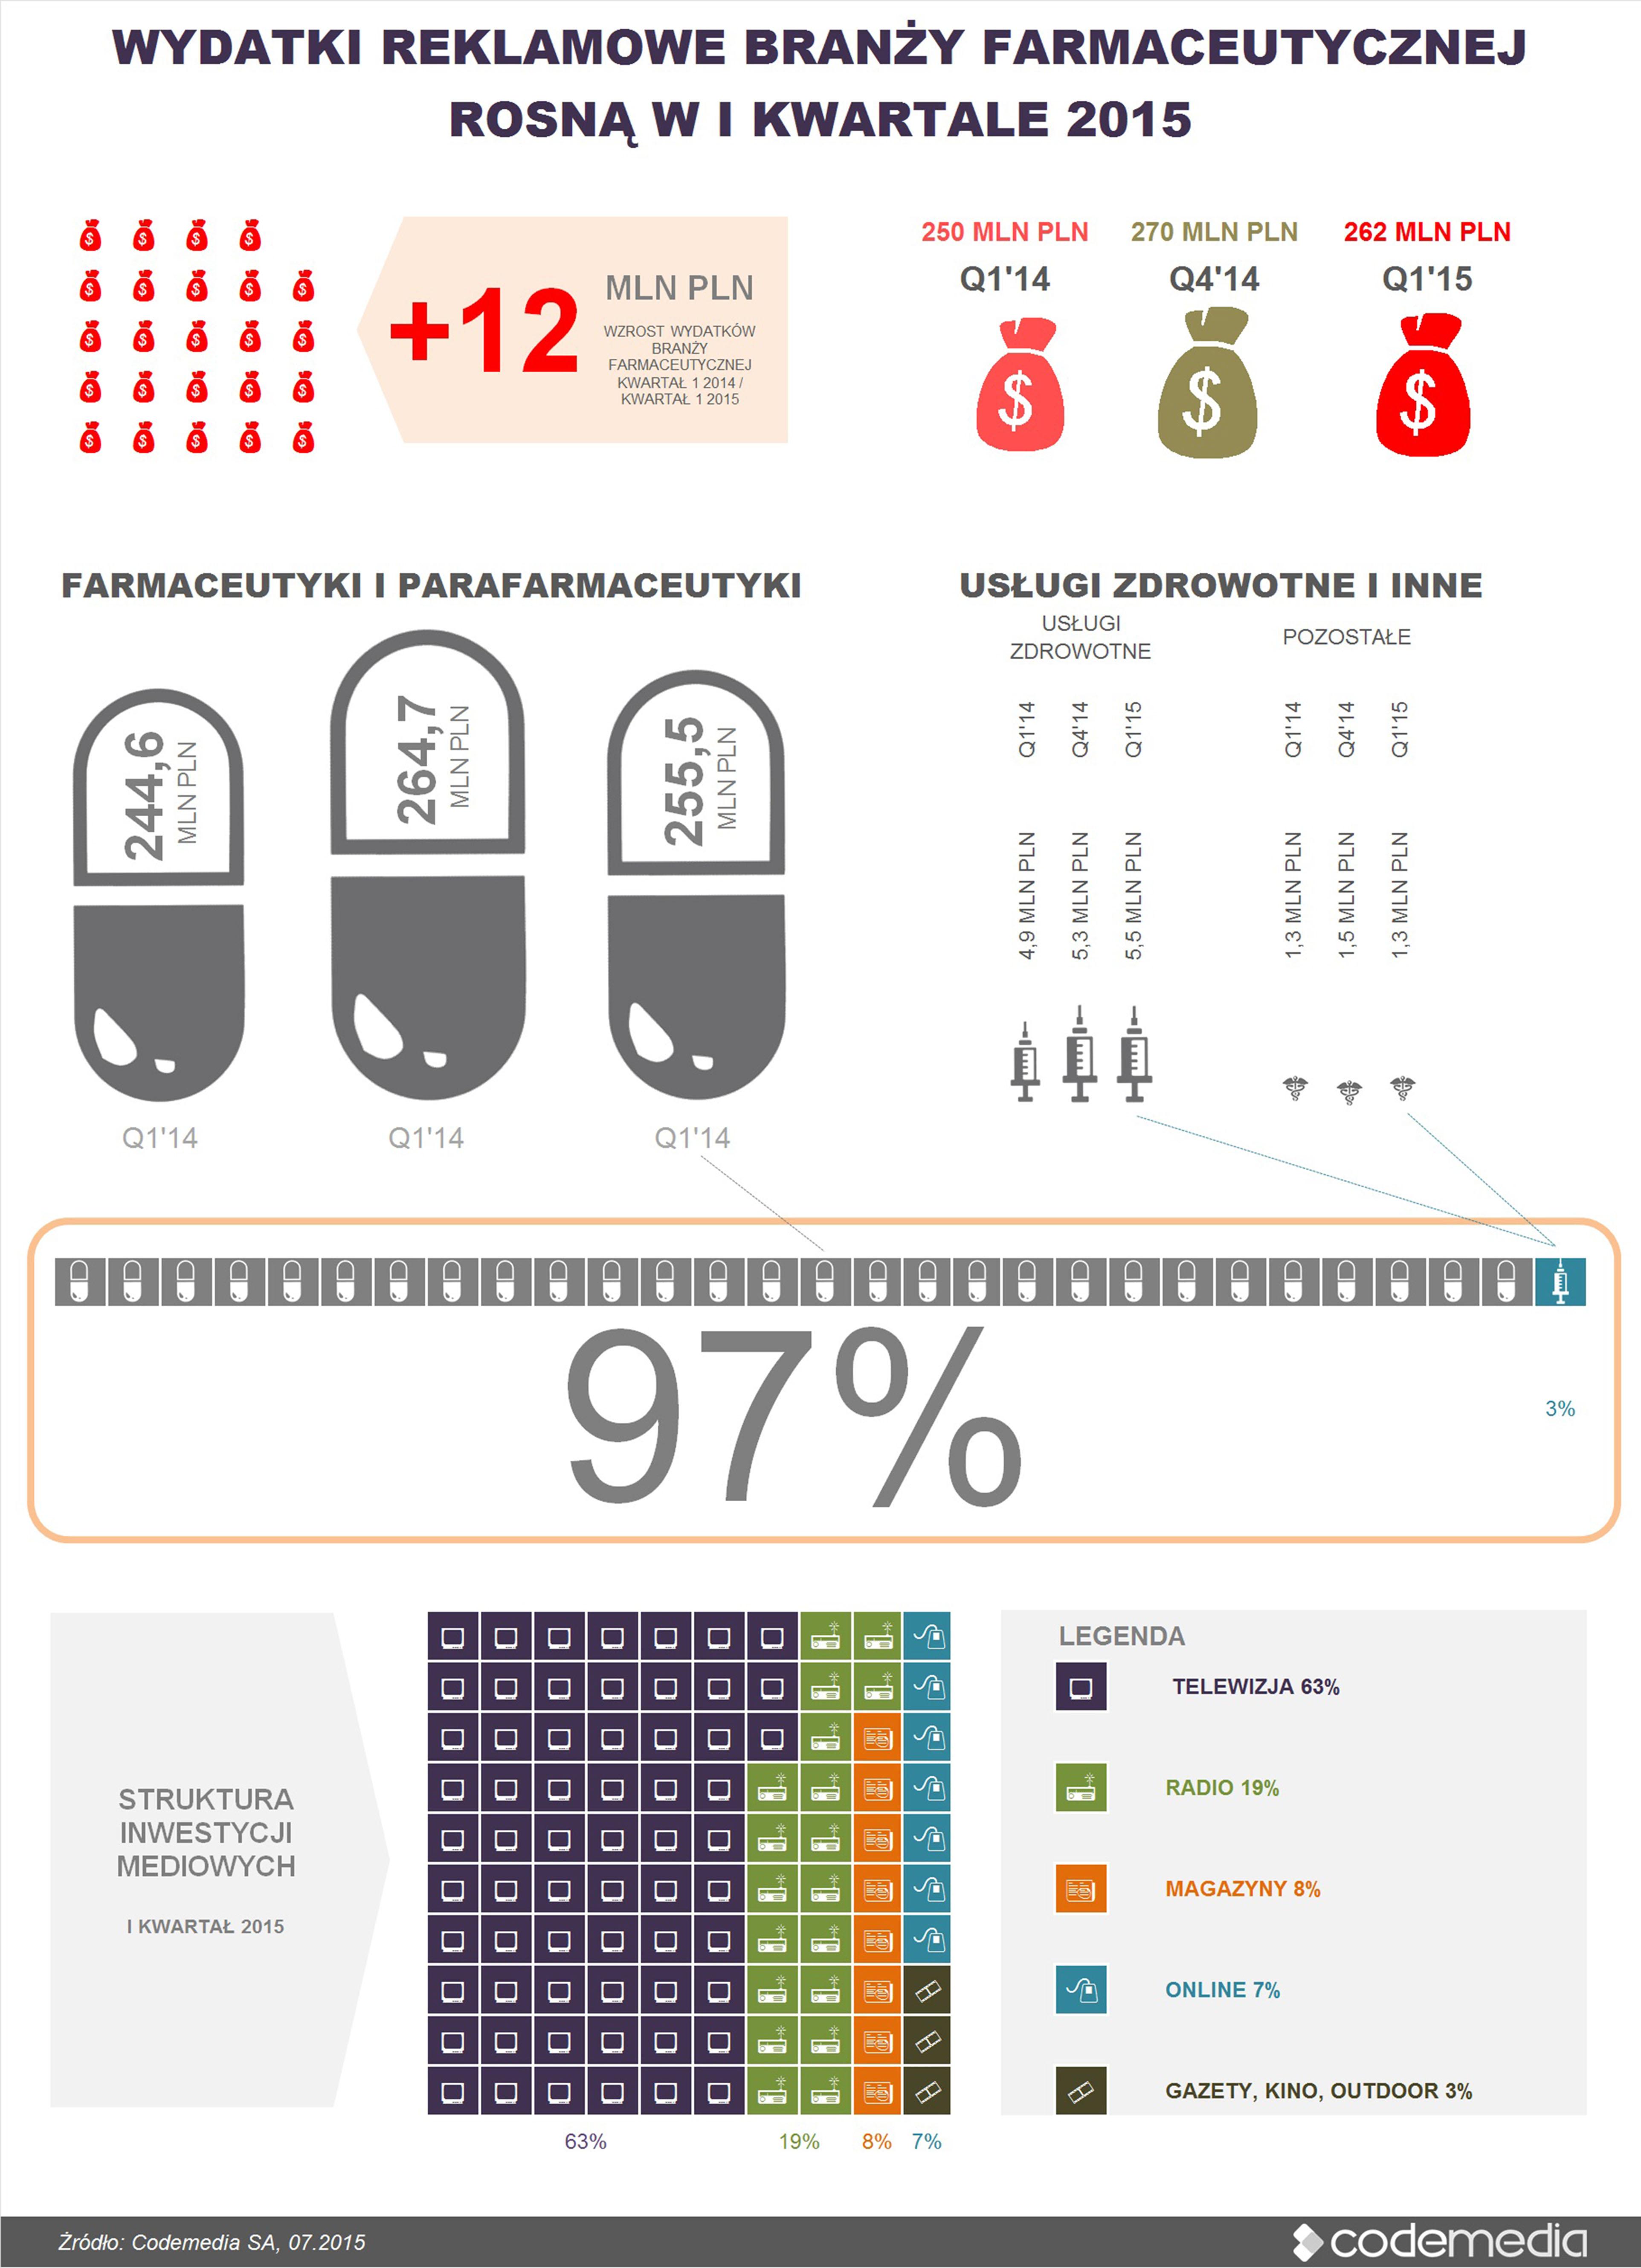 Analiza wydatków reklamowych branży farmaceutycznej – w pierwszym kwartale 2015 roku wzrost nakładów na reklamę